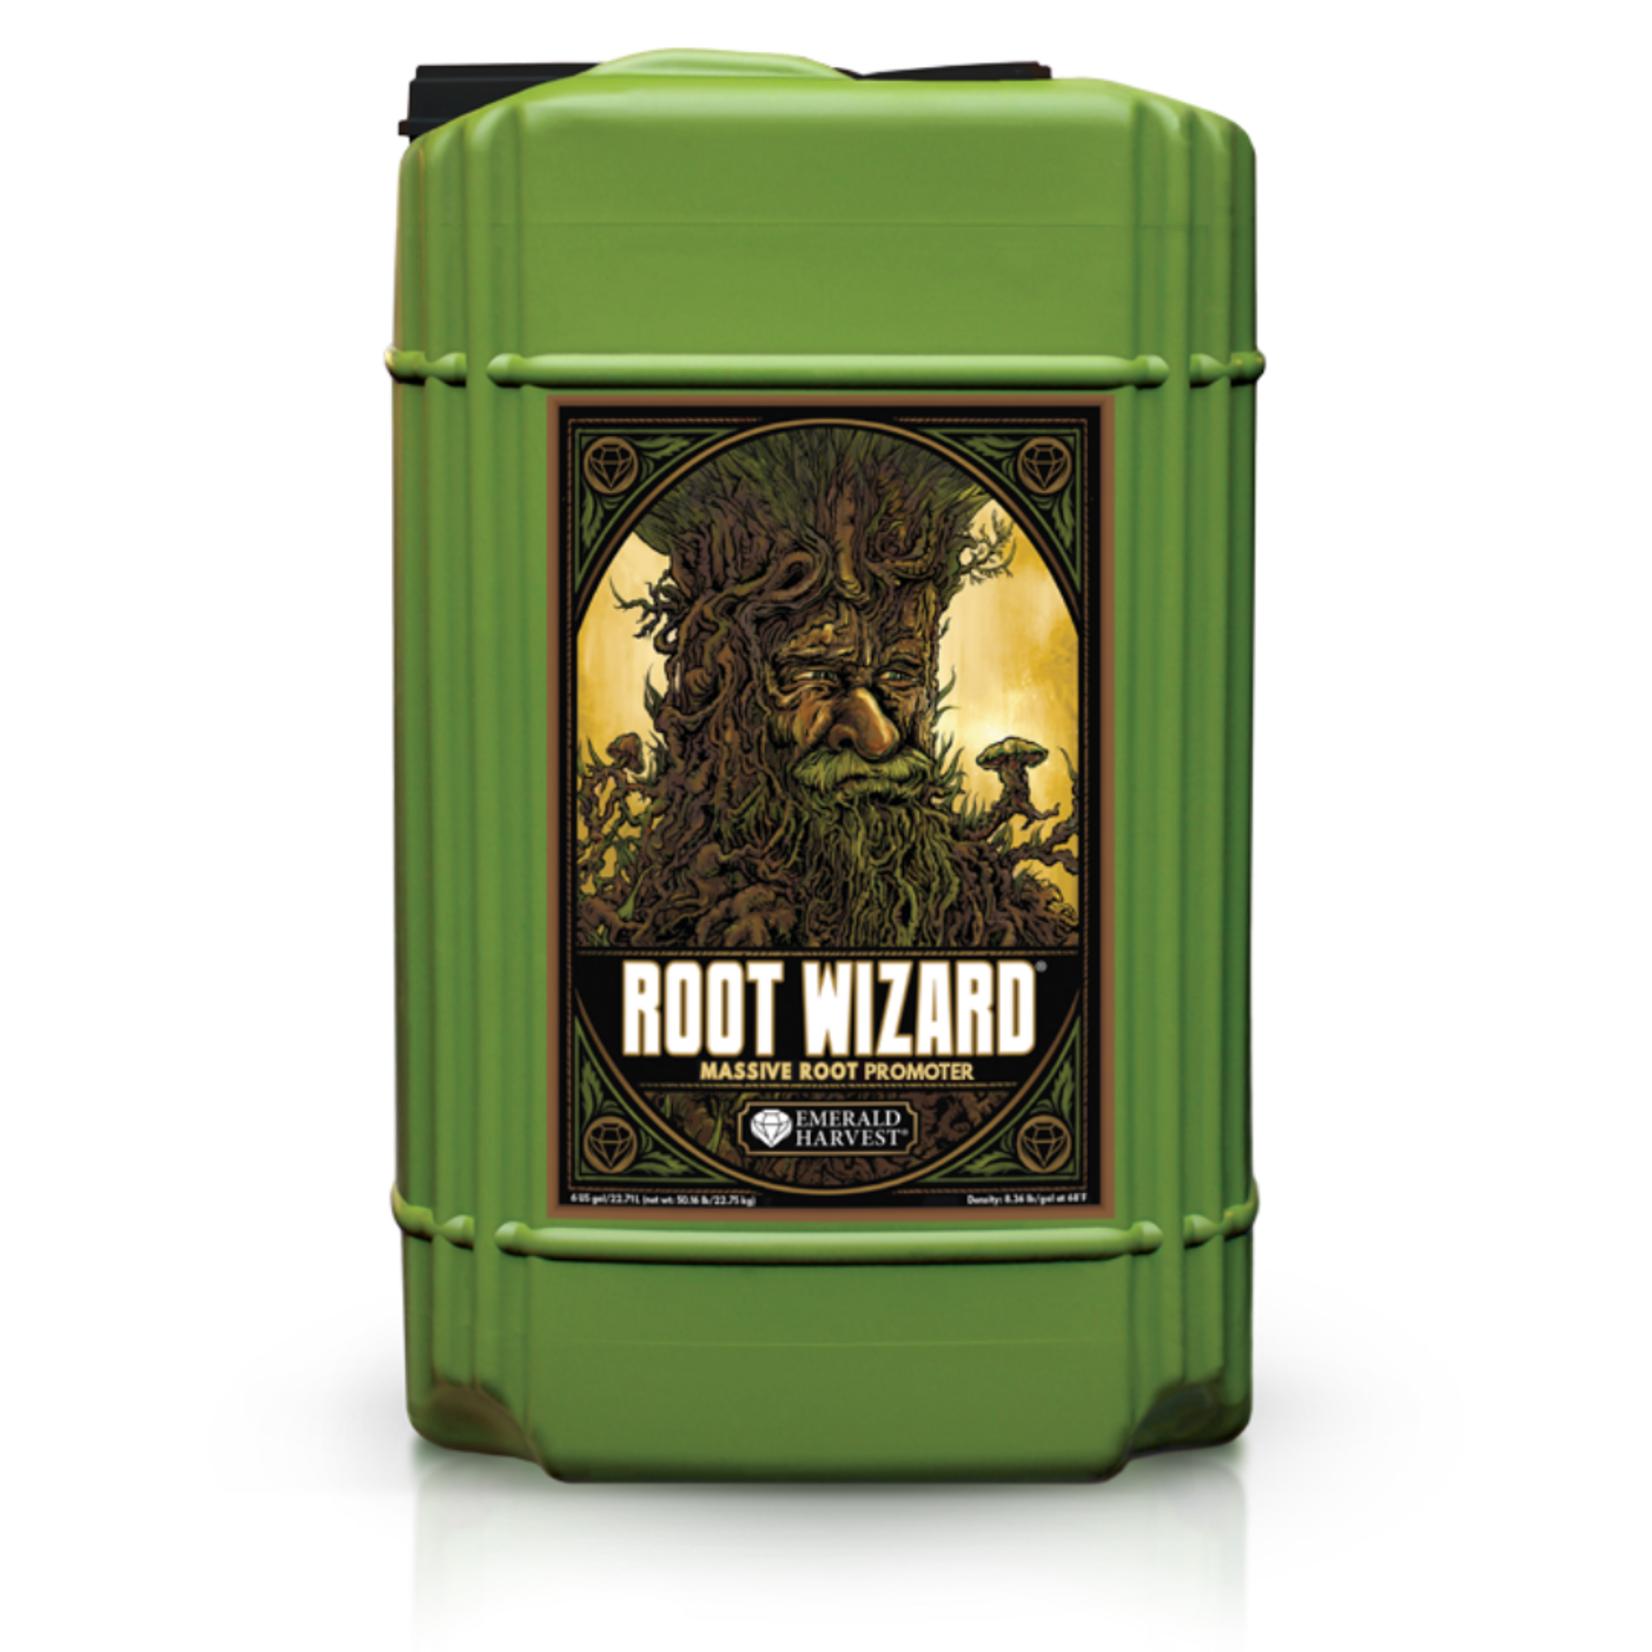 Emerald Harvest Emerald Harvest Root Wizard